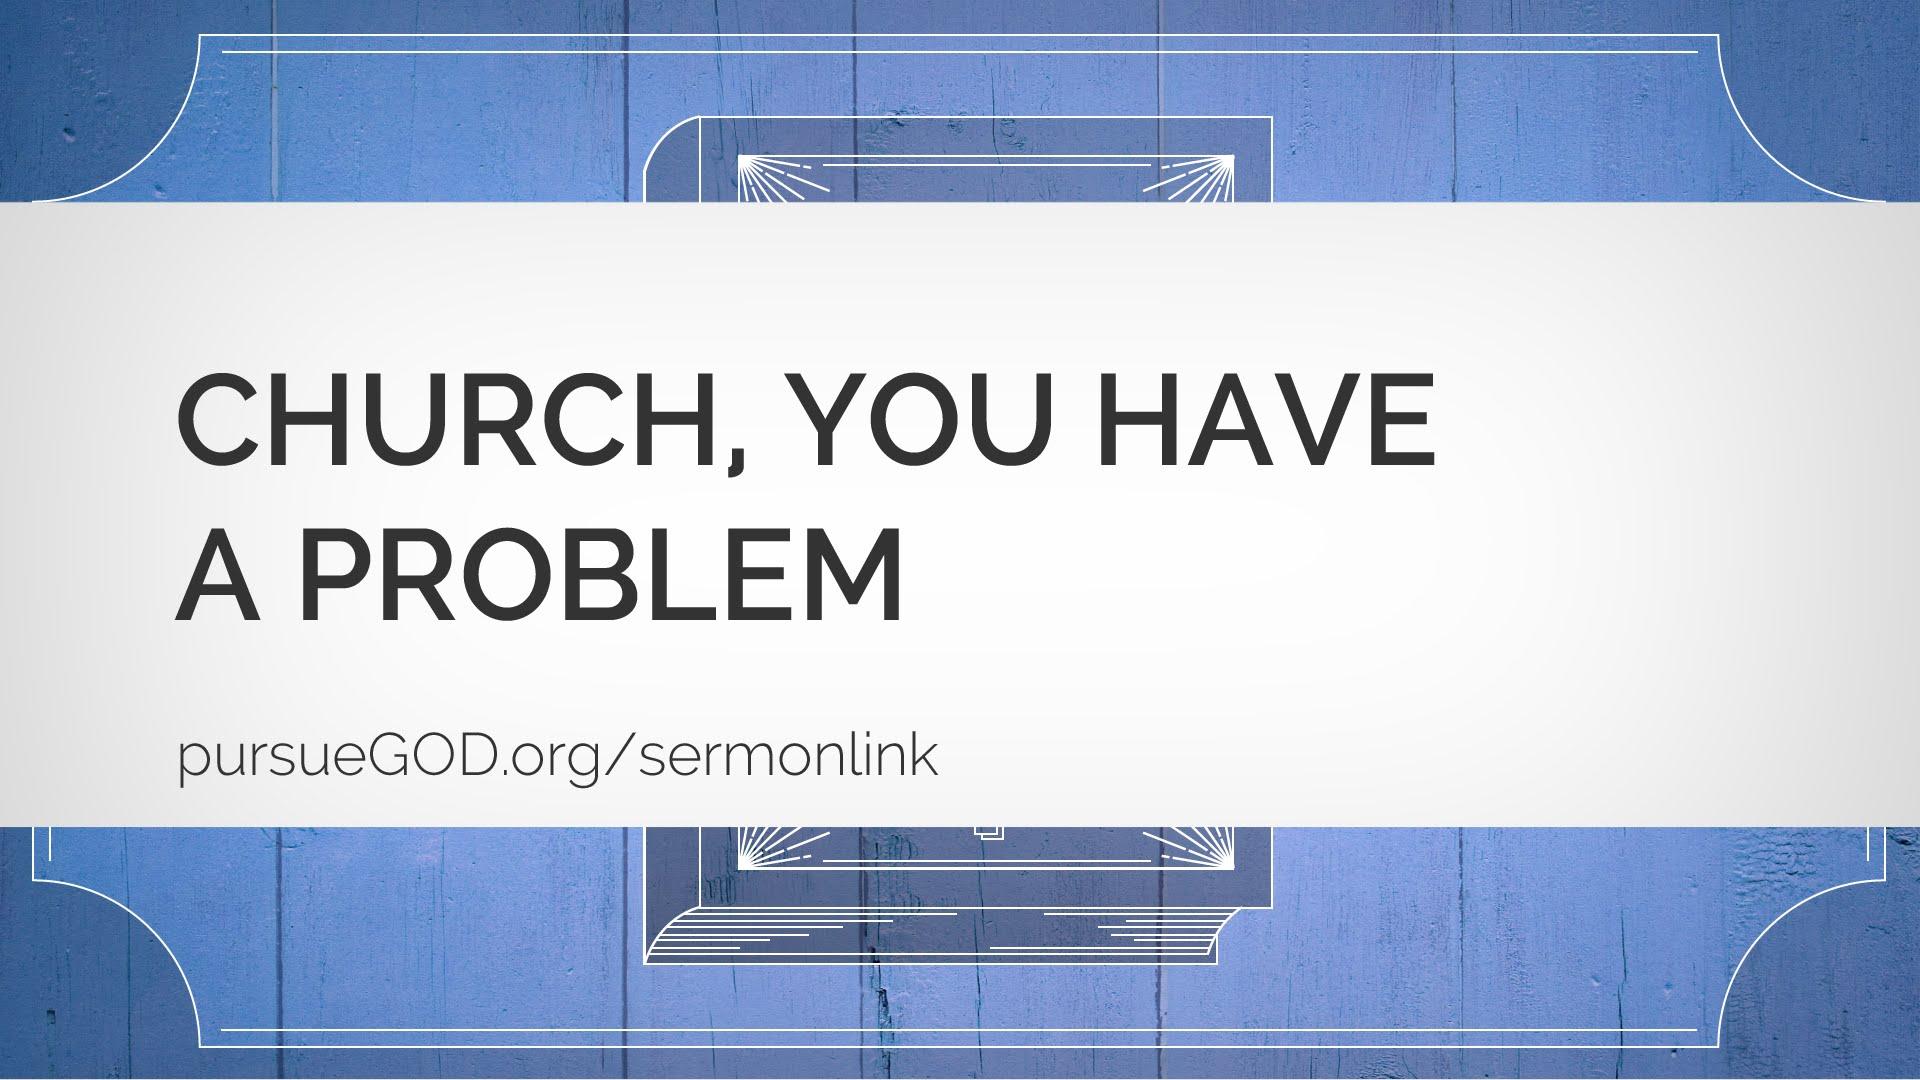 Церковь, у вас есть проблема